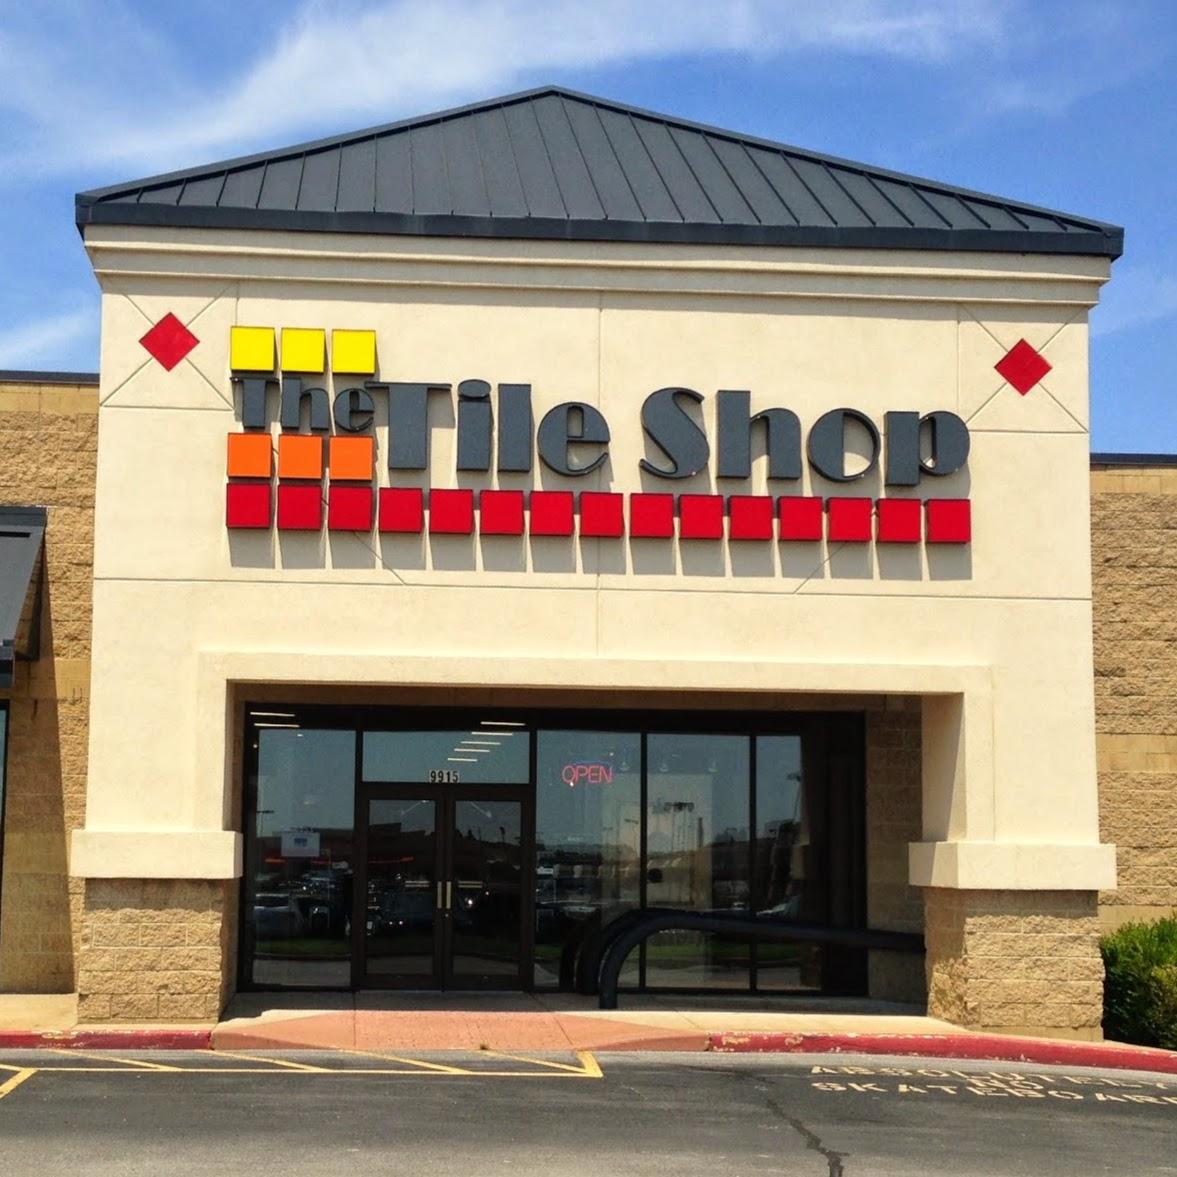 The Tile Shop E St St Tulsa OK YPcom - Daltile tulsa oklahoma